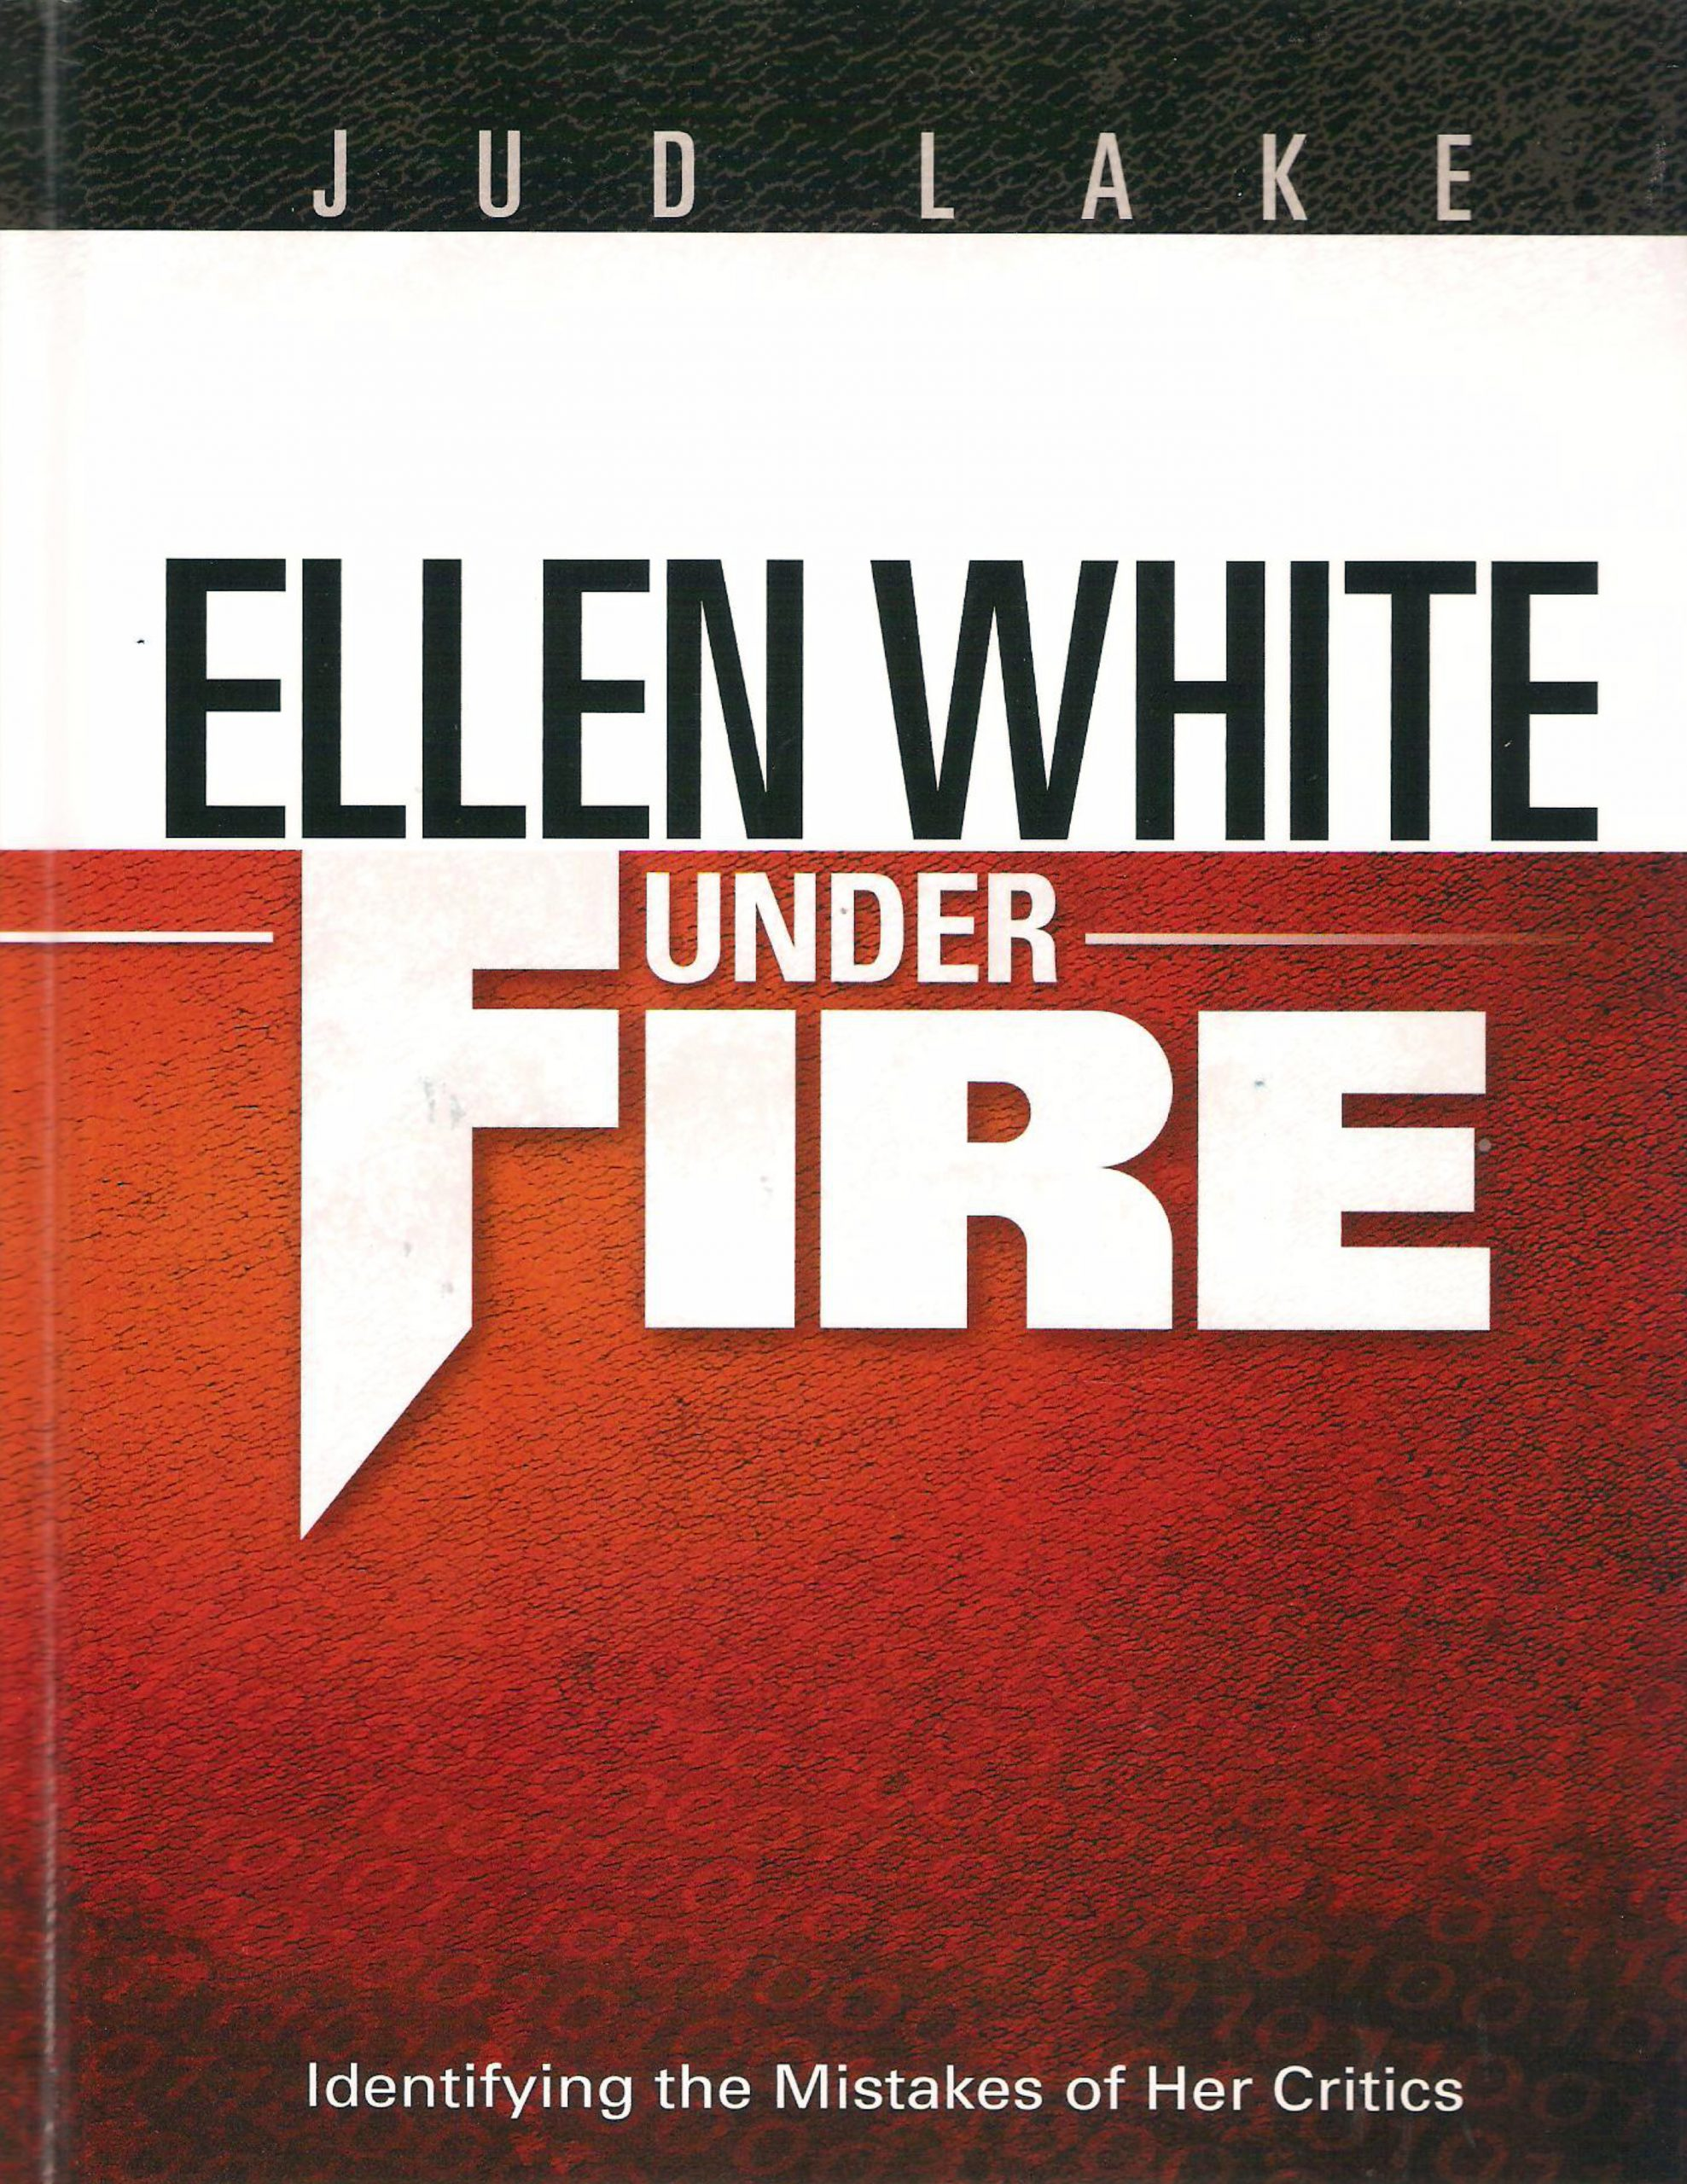 Ellen White Under Fire